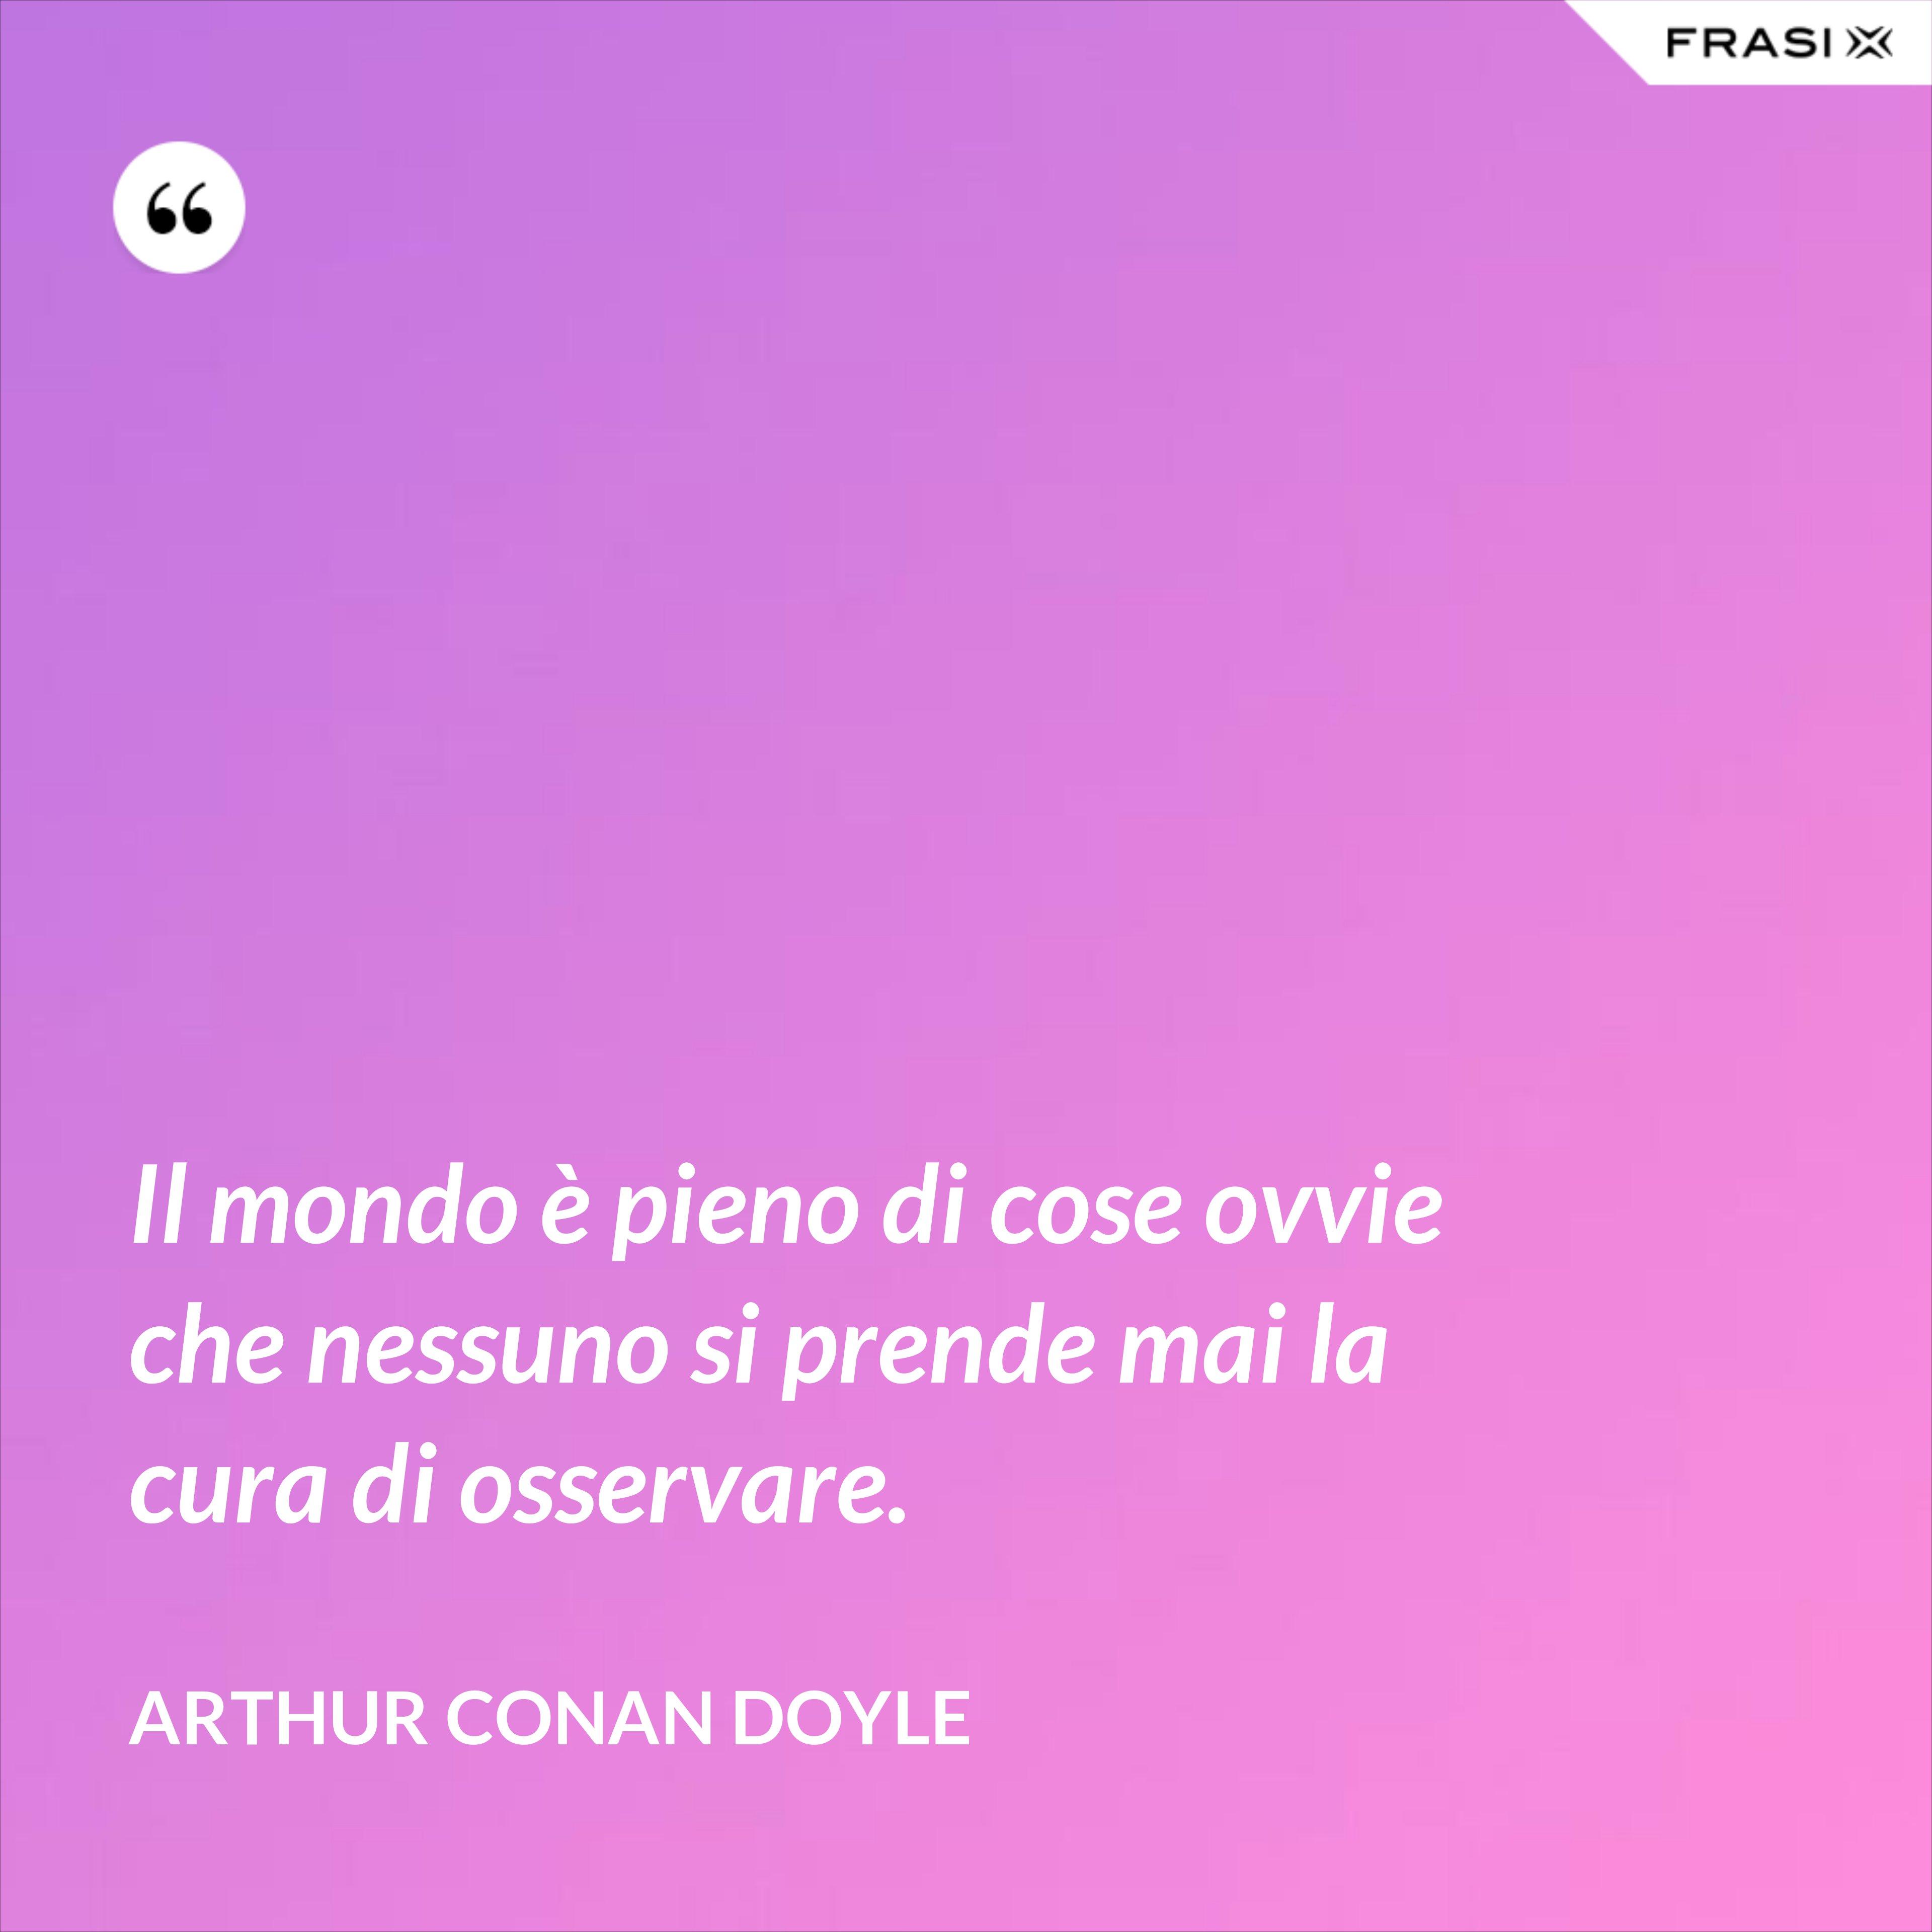 Il mondo è pieno di cose ovvie che nessuno si prende mai la cura di osservare. - Arthur Conan Doyle